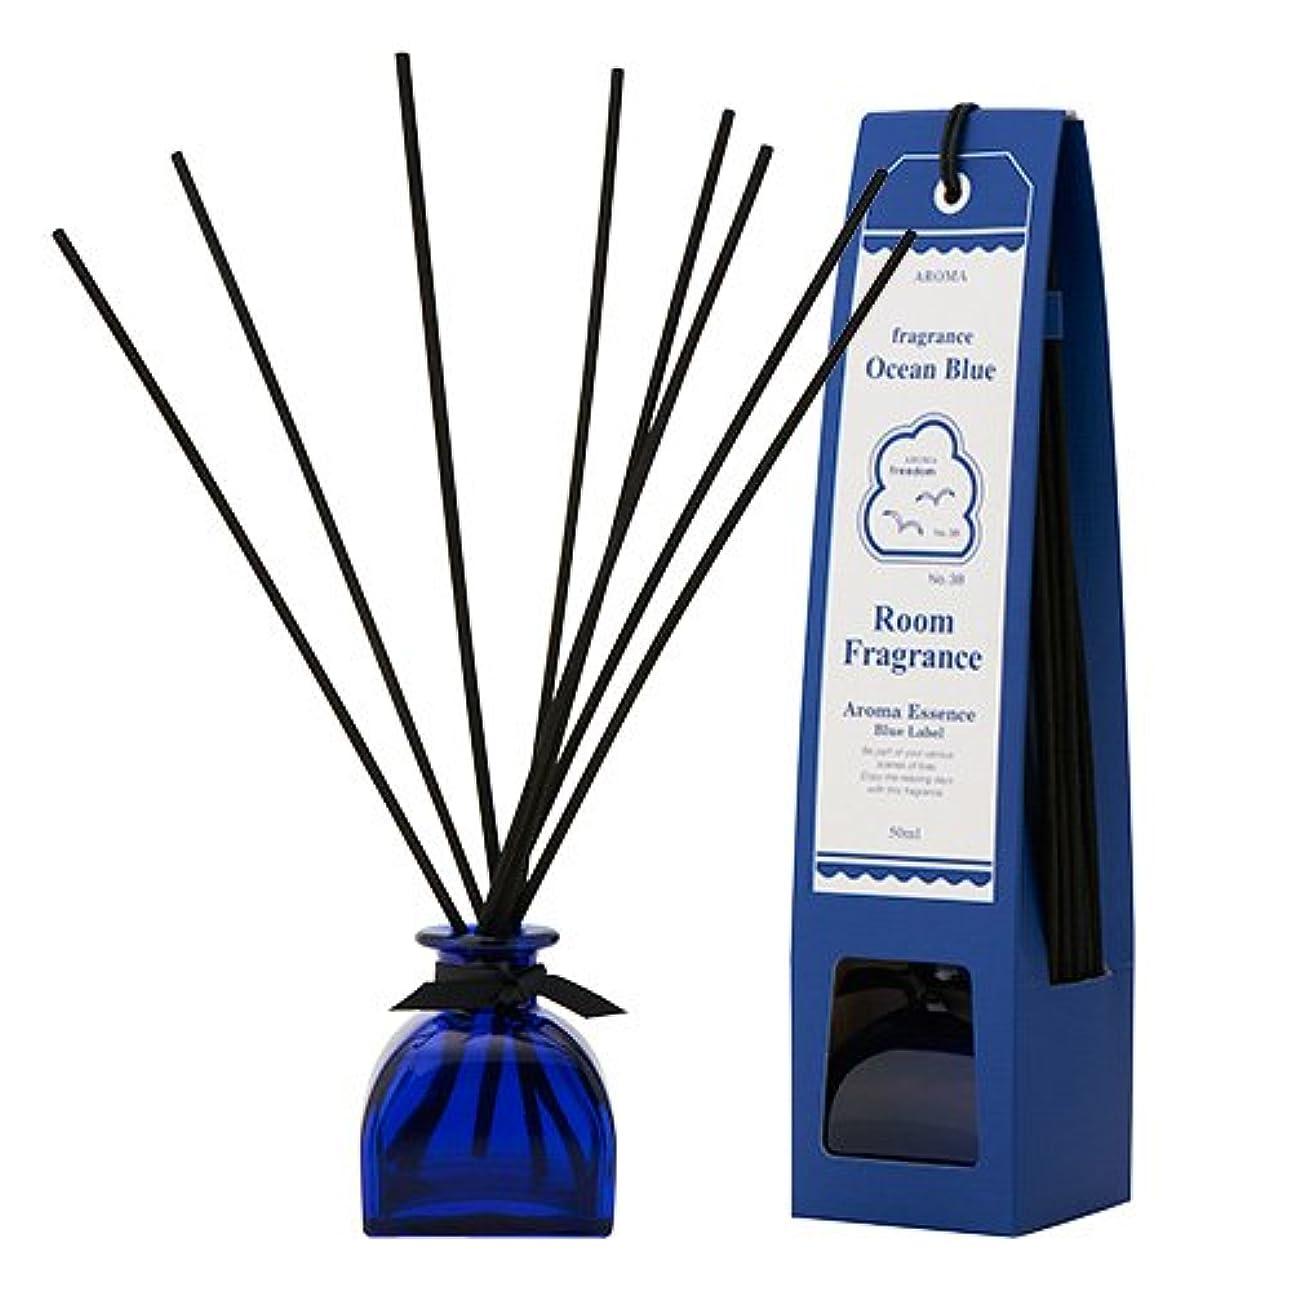 フラッシュのように素早くフェードひどいブルーラベル ルームフレグランス オーシャンブルー 50ml(芳香剤 リードディフューザー 海の爽快さを思い出させる香り)